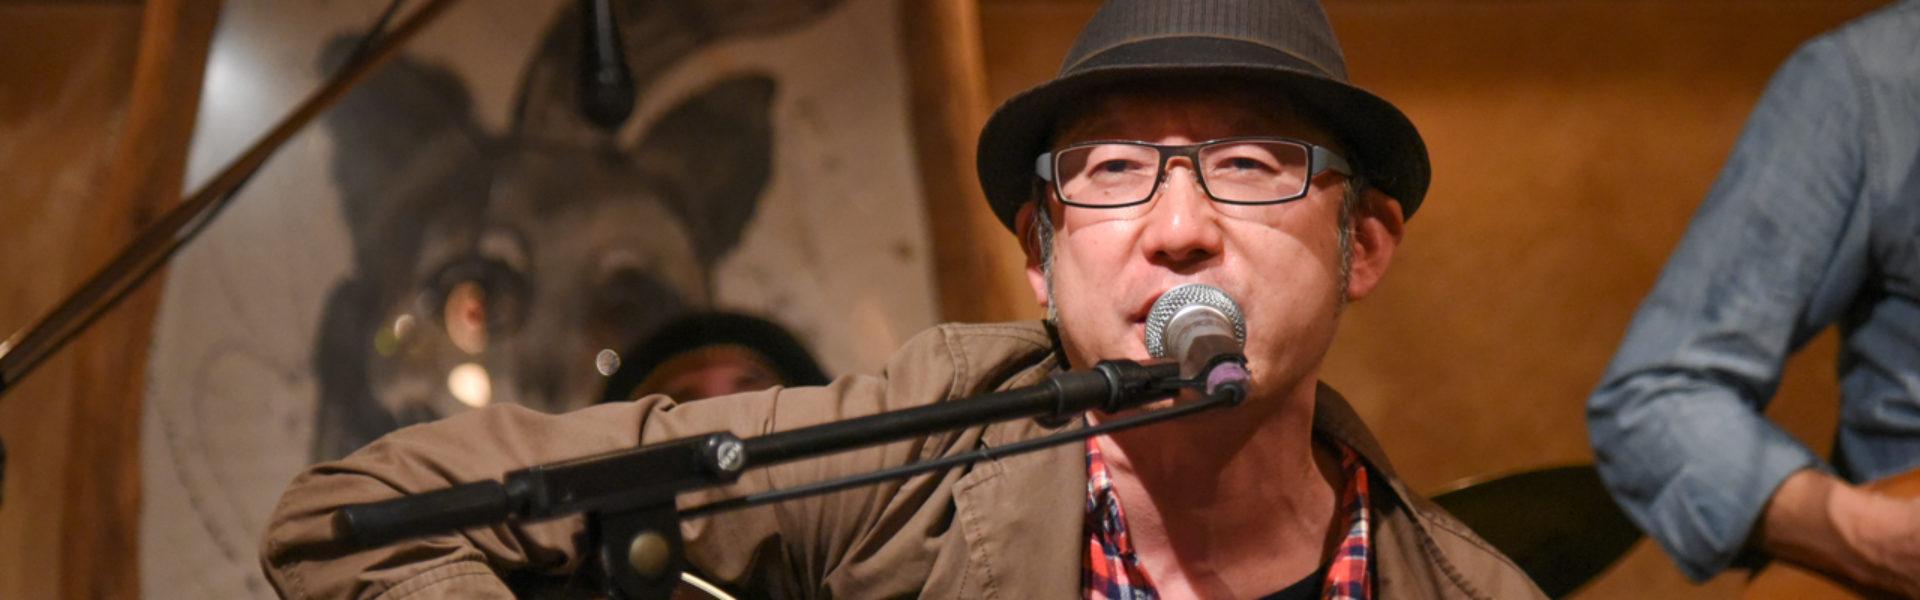 本名カズト-HONNA Kazuto